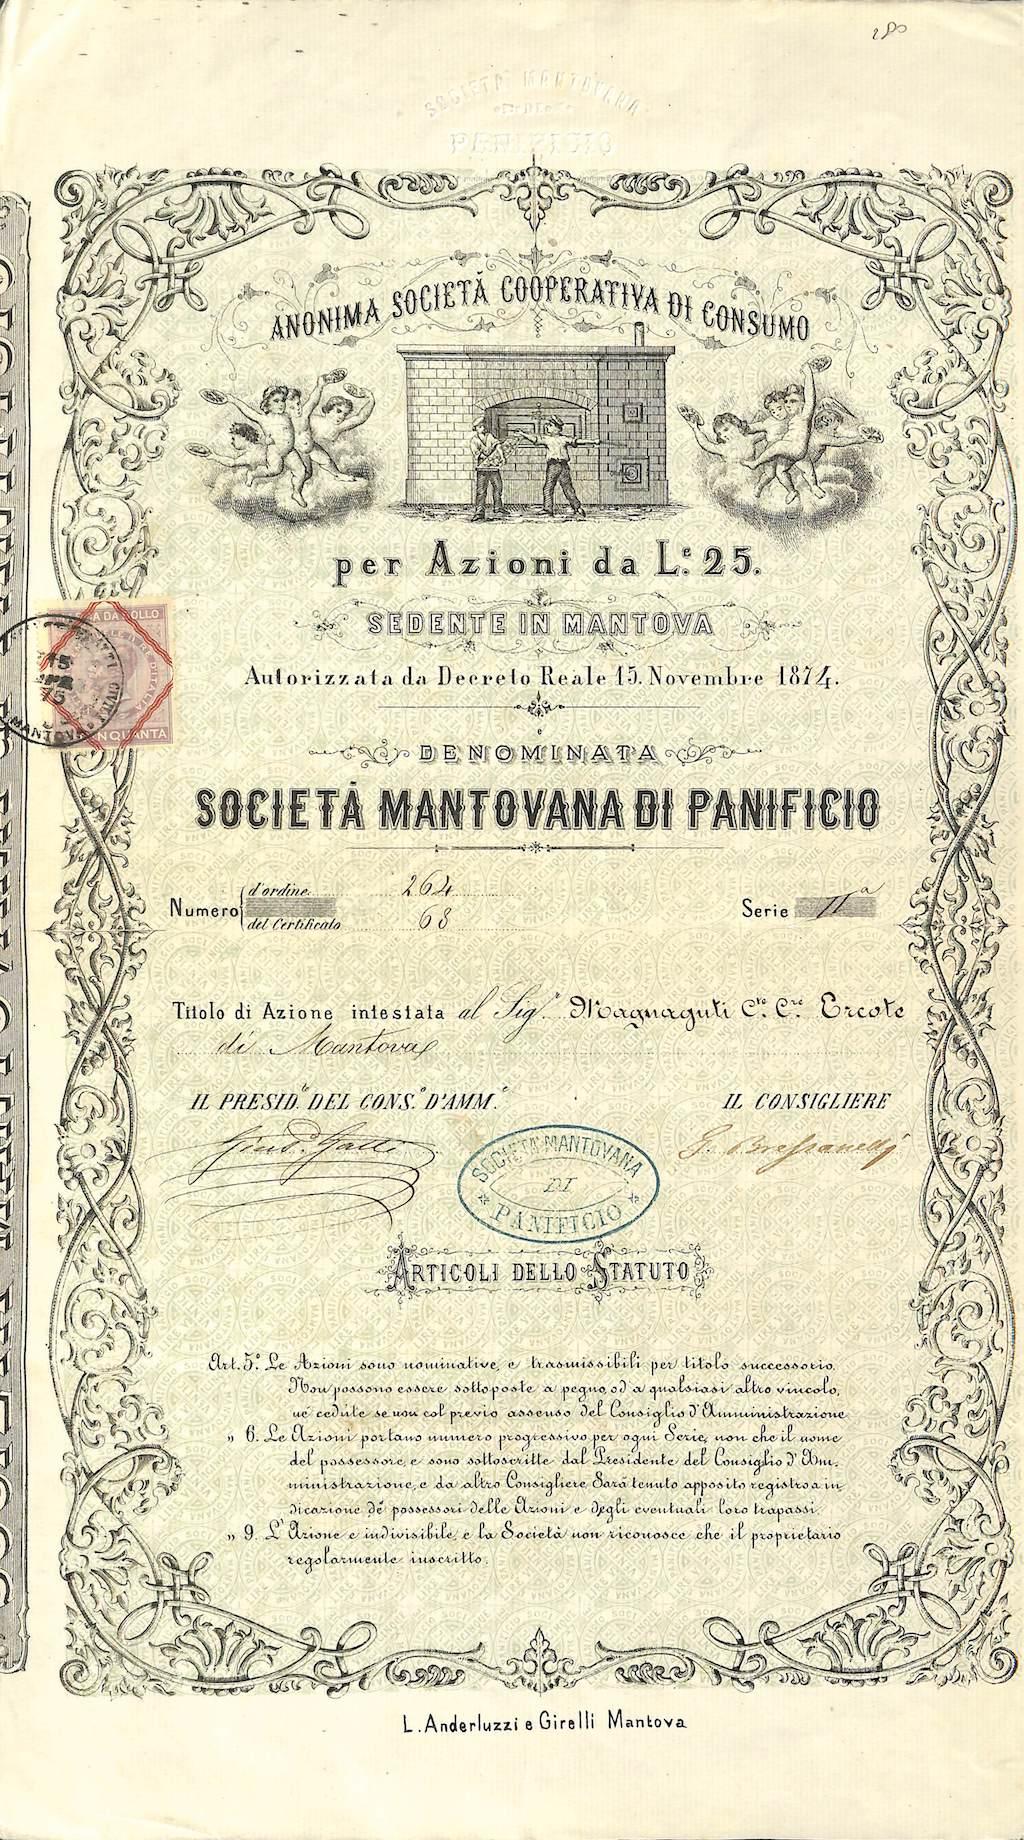 1874-soc-anon-coop-di-consumo-mantovana-panificio-1-azione-2